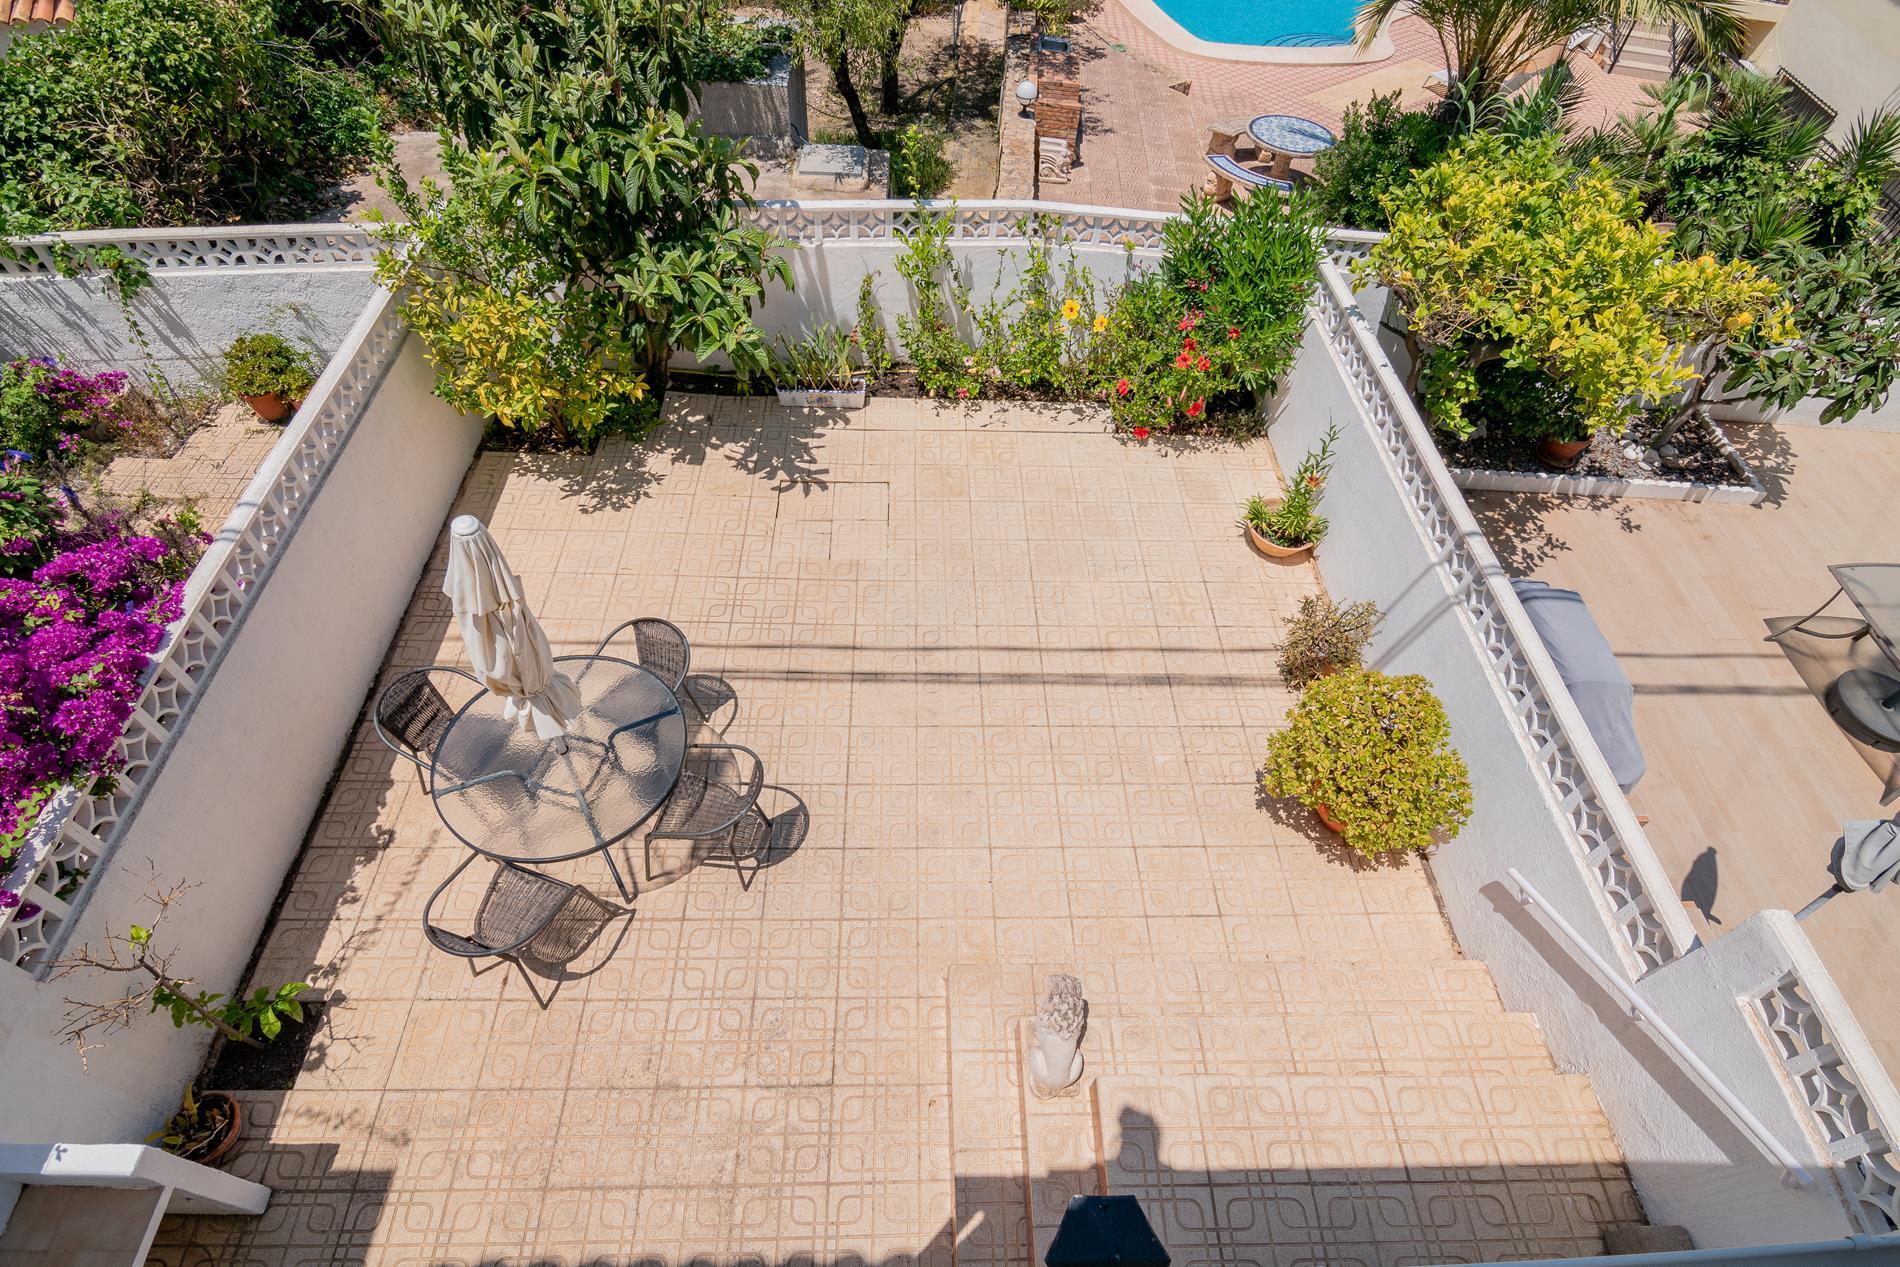 Bungalow en venta en Albir, en urbanizacion con piscina